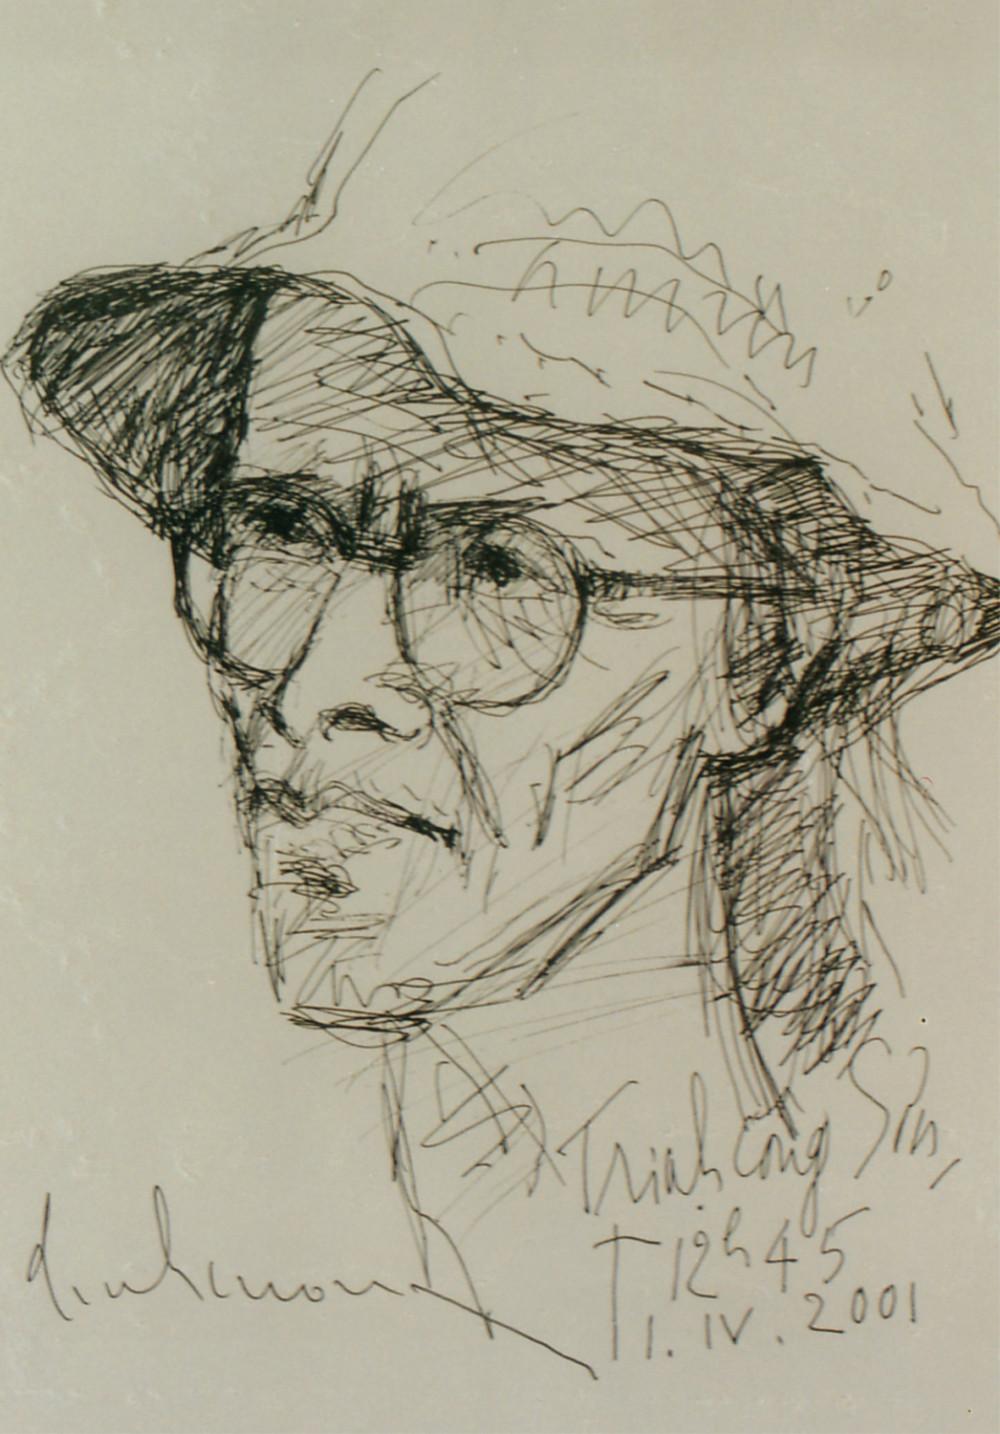 Một tác phẩm khác của họa sĩ Đinh Cường